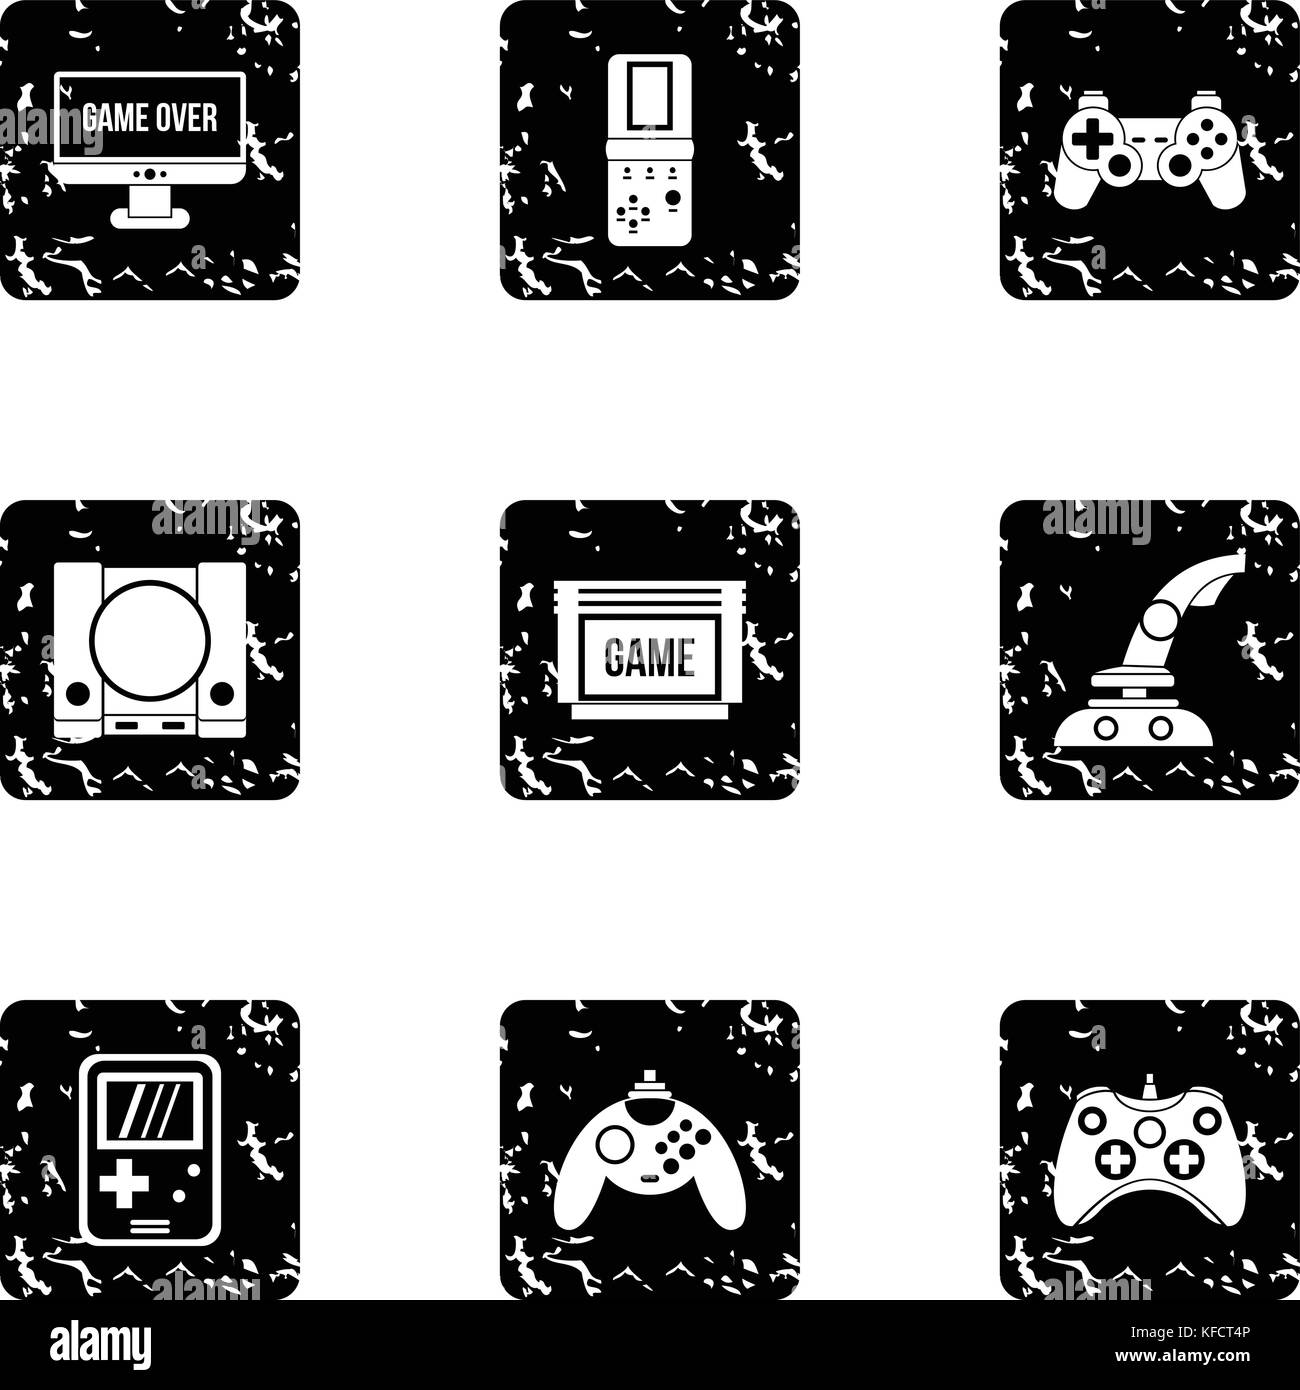 Fantasy games icons set, grunge style - Stock Image